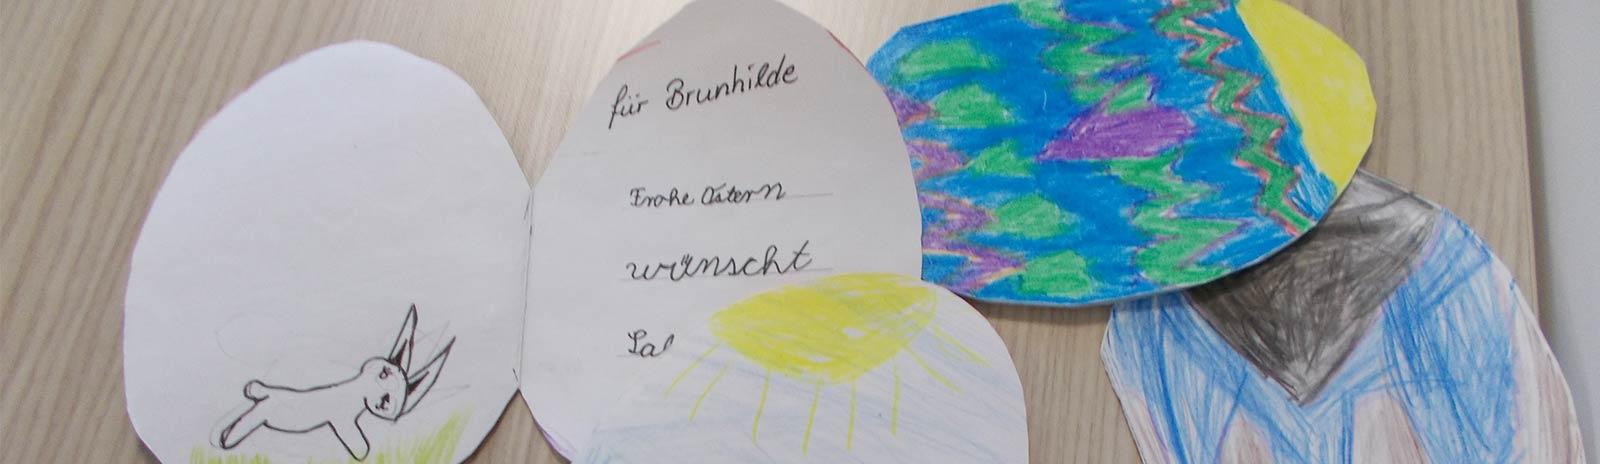 2019_04_25_Haus_St.-Margarethe_Besuch_Schulklassen_web3